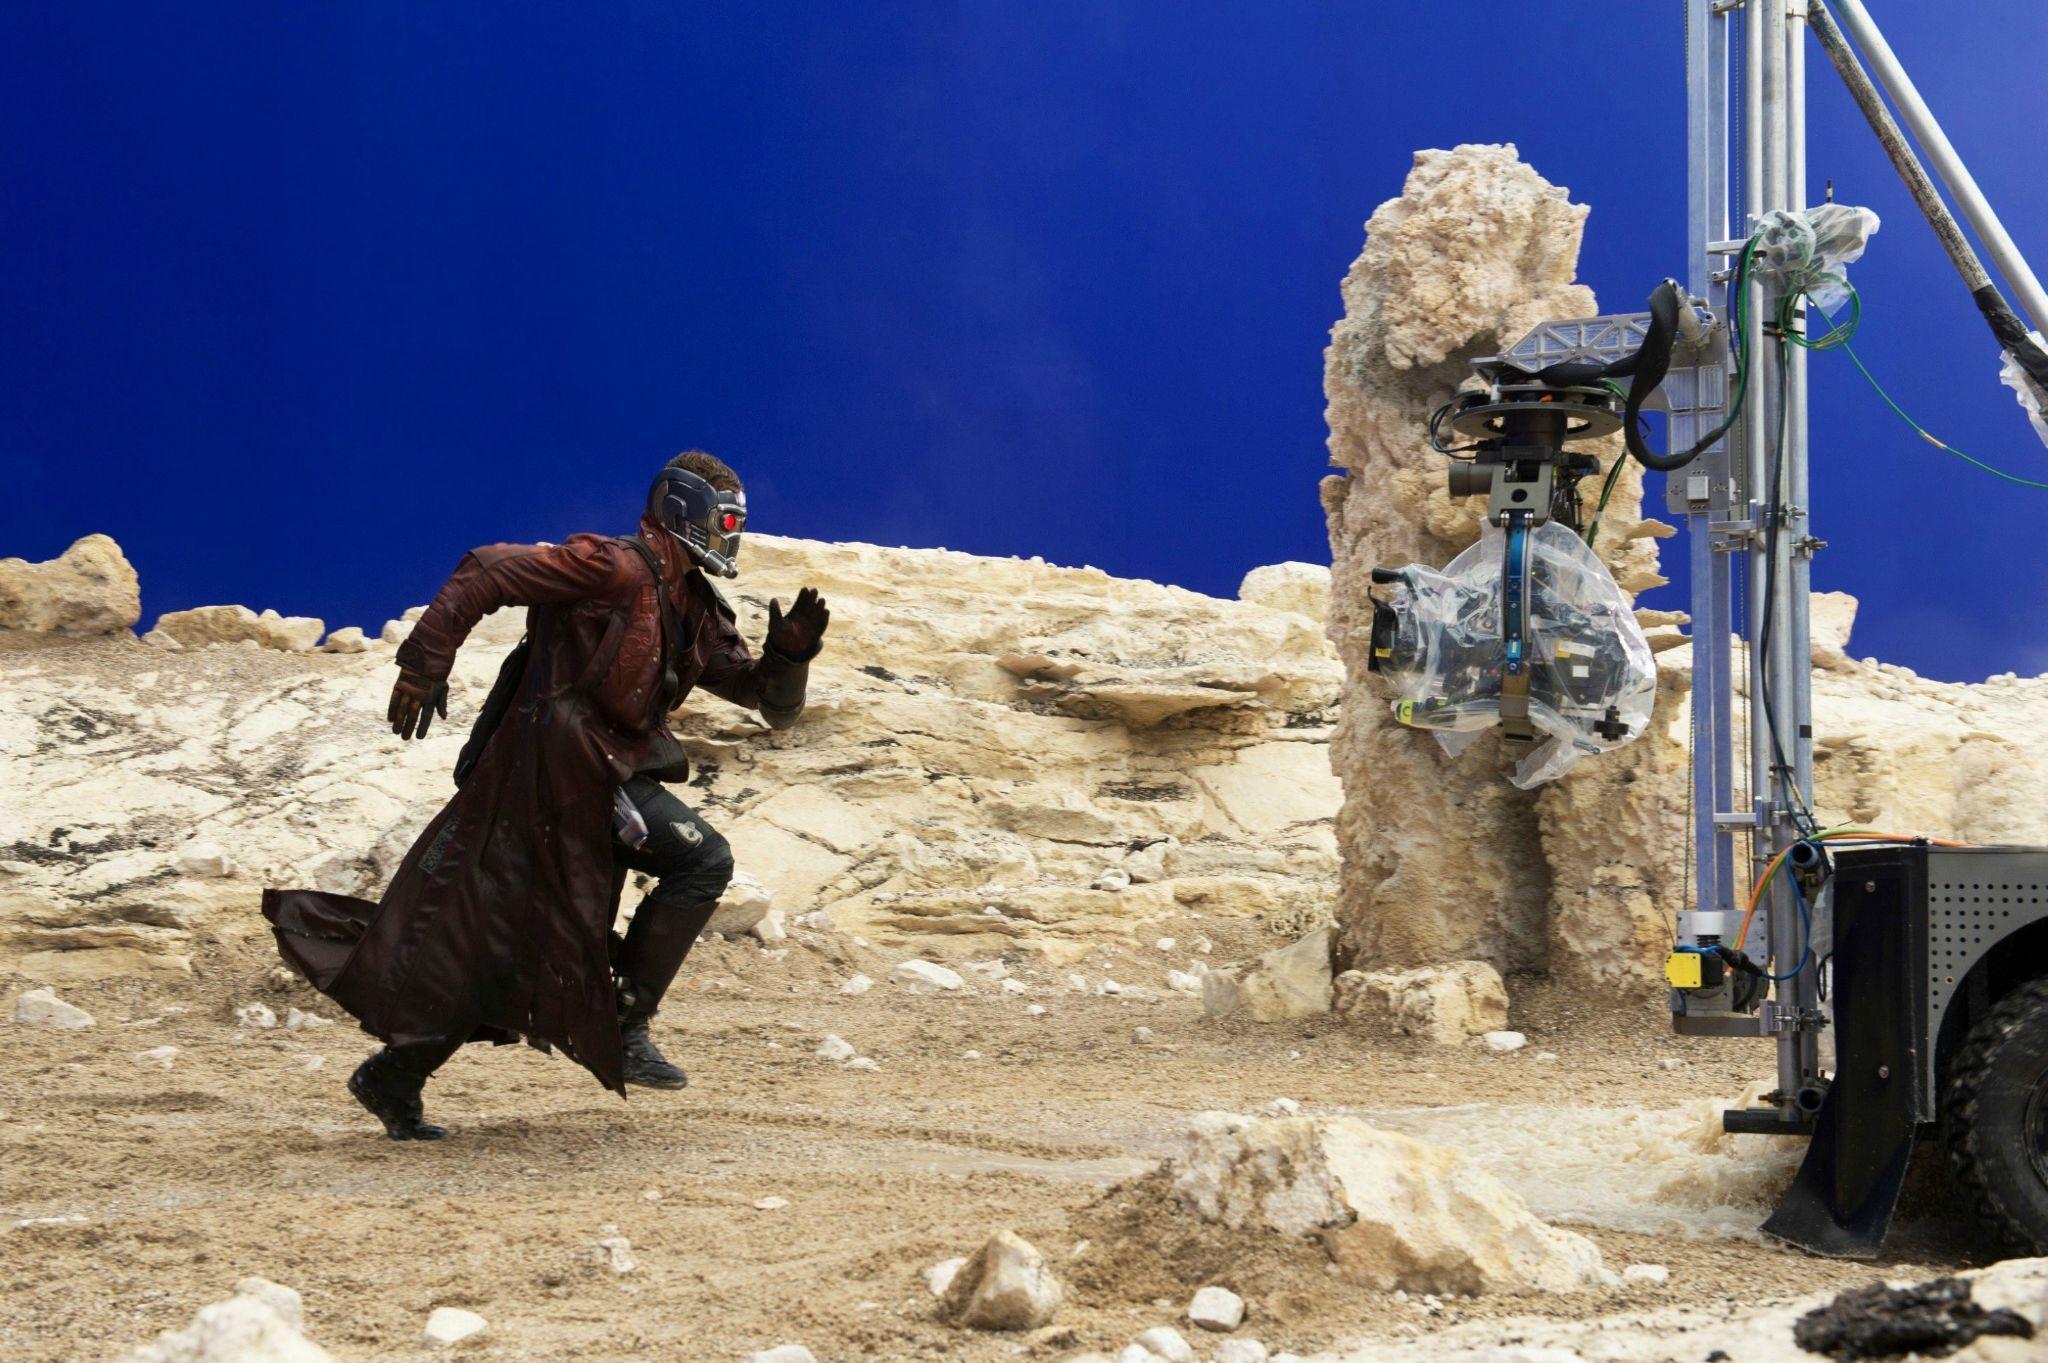 《银河护卫队》反派